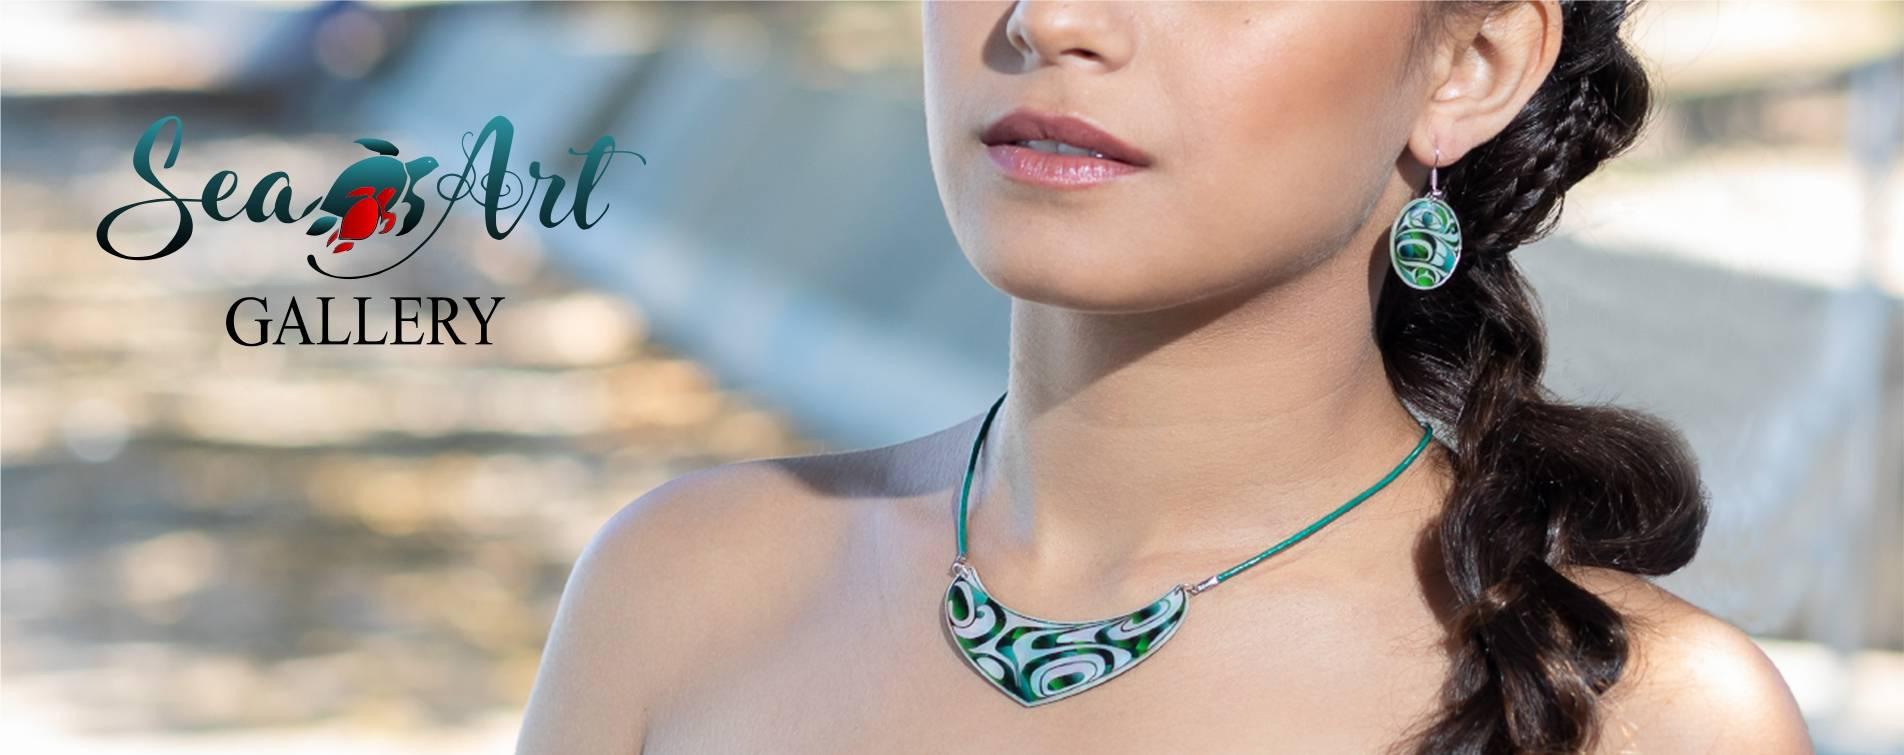 Awendela necklace